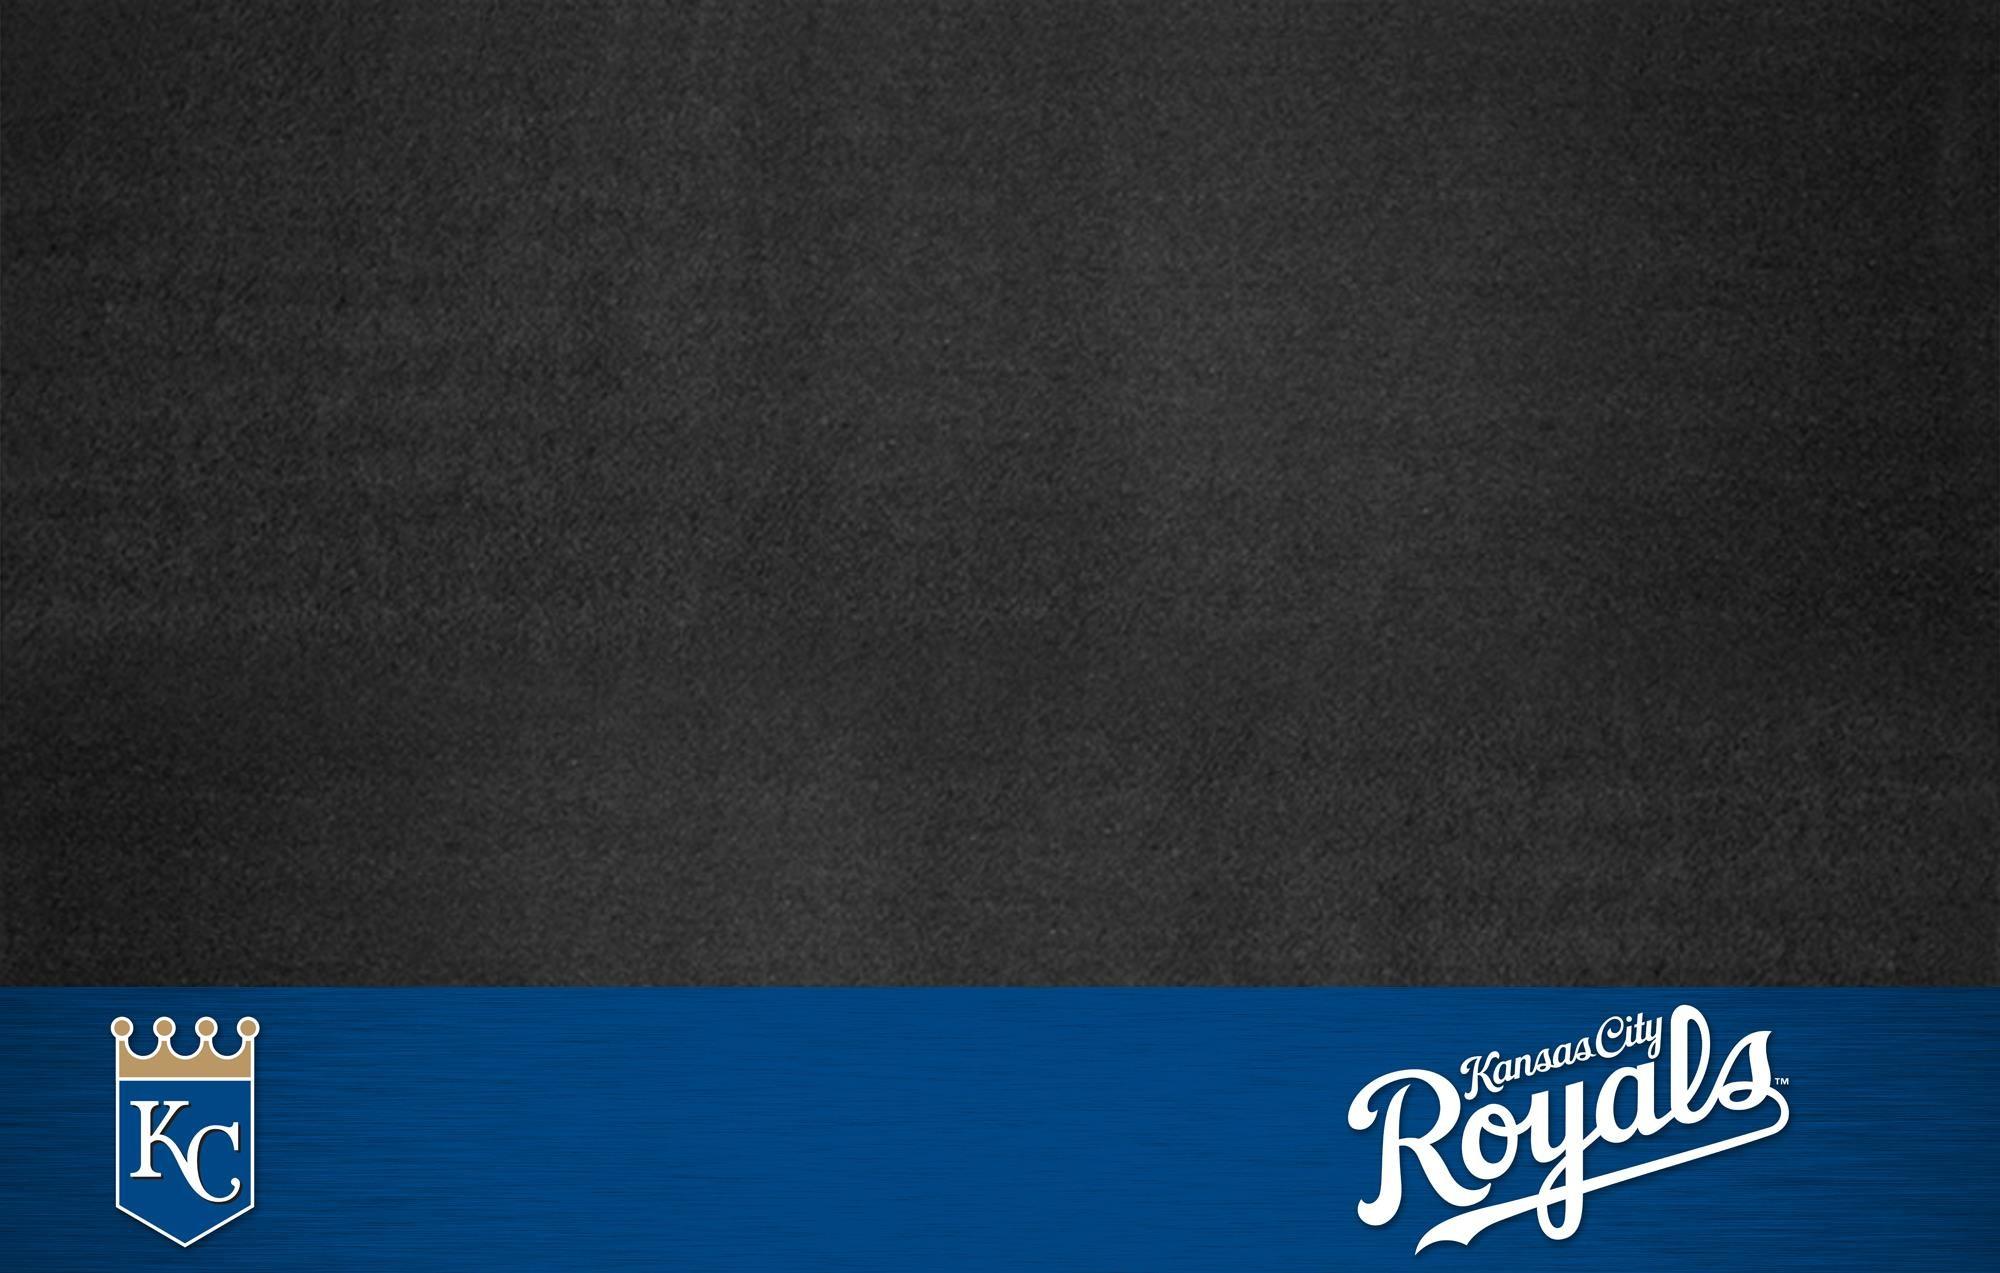 Kansas City Royals 2016 Images HD